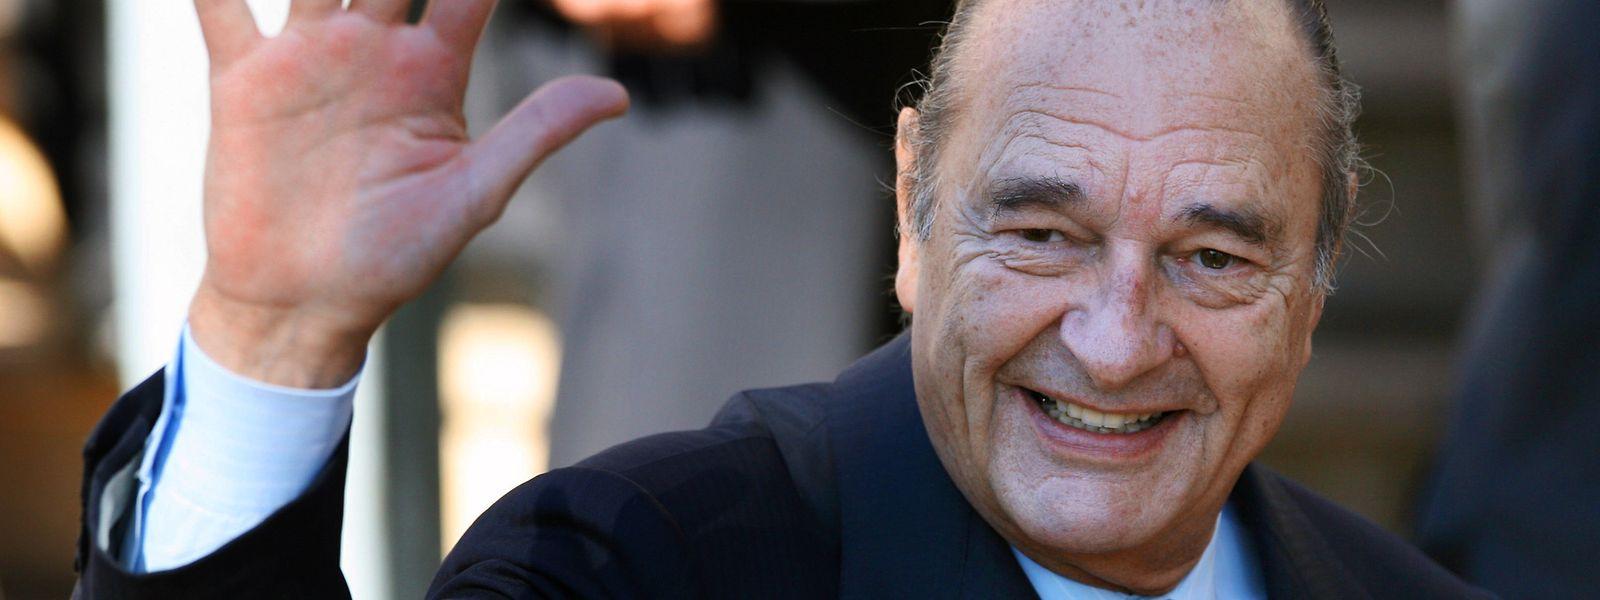 Chirac im Februar 2007, wenige Monate vor seinem Rückzug aus dem Präsidentenamt.